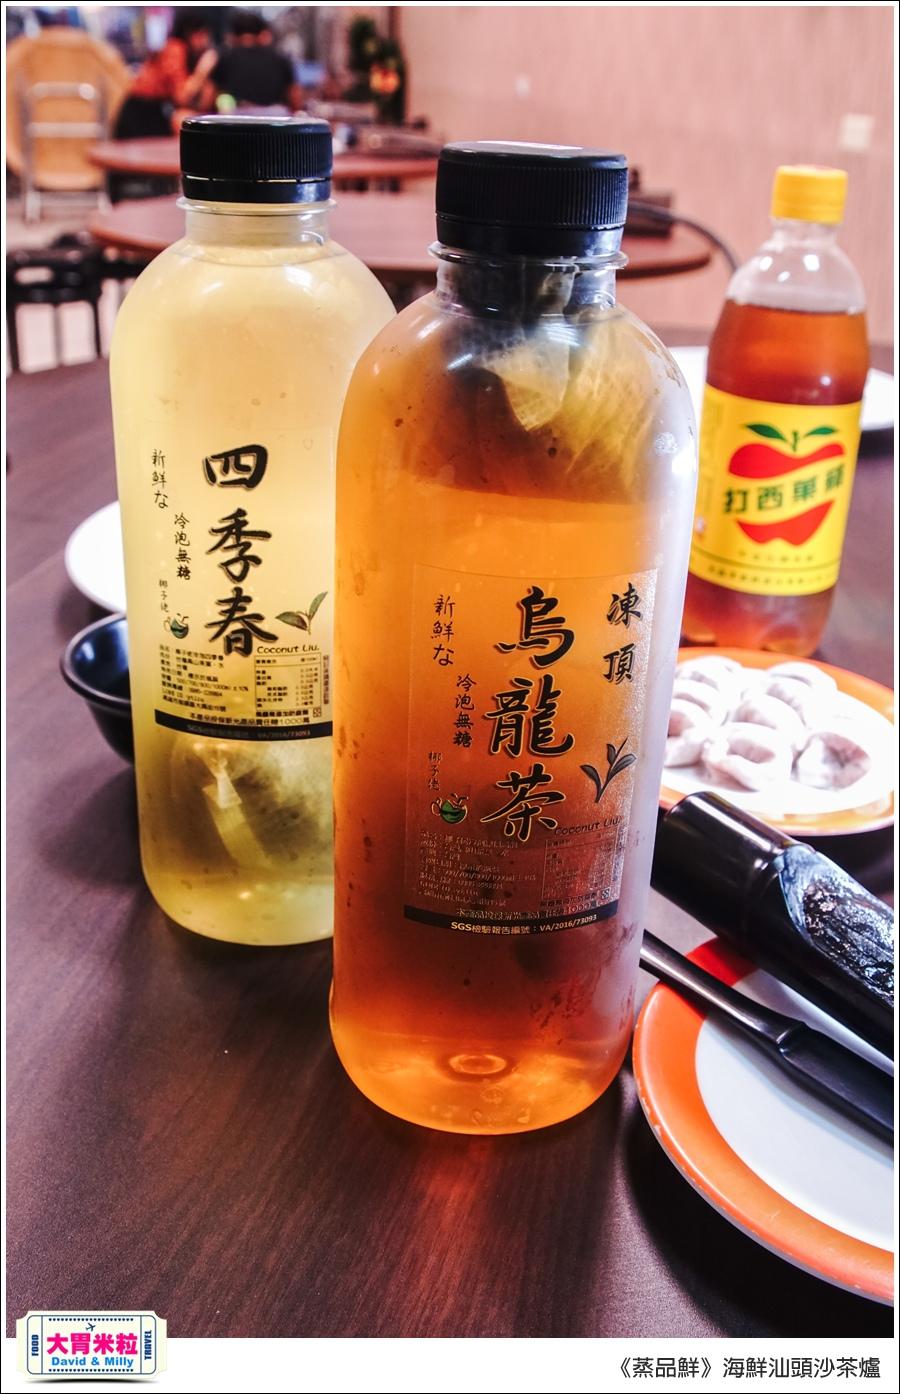 高雄必吃海鮮火鍋推薦@蒸品鮮汕頭沙茶火鍋@大胃米粒0050.jpg